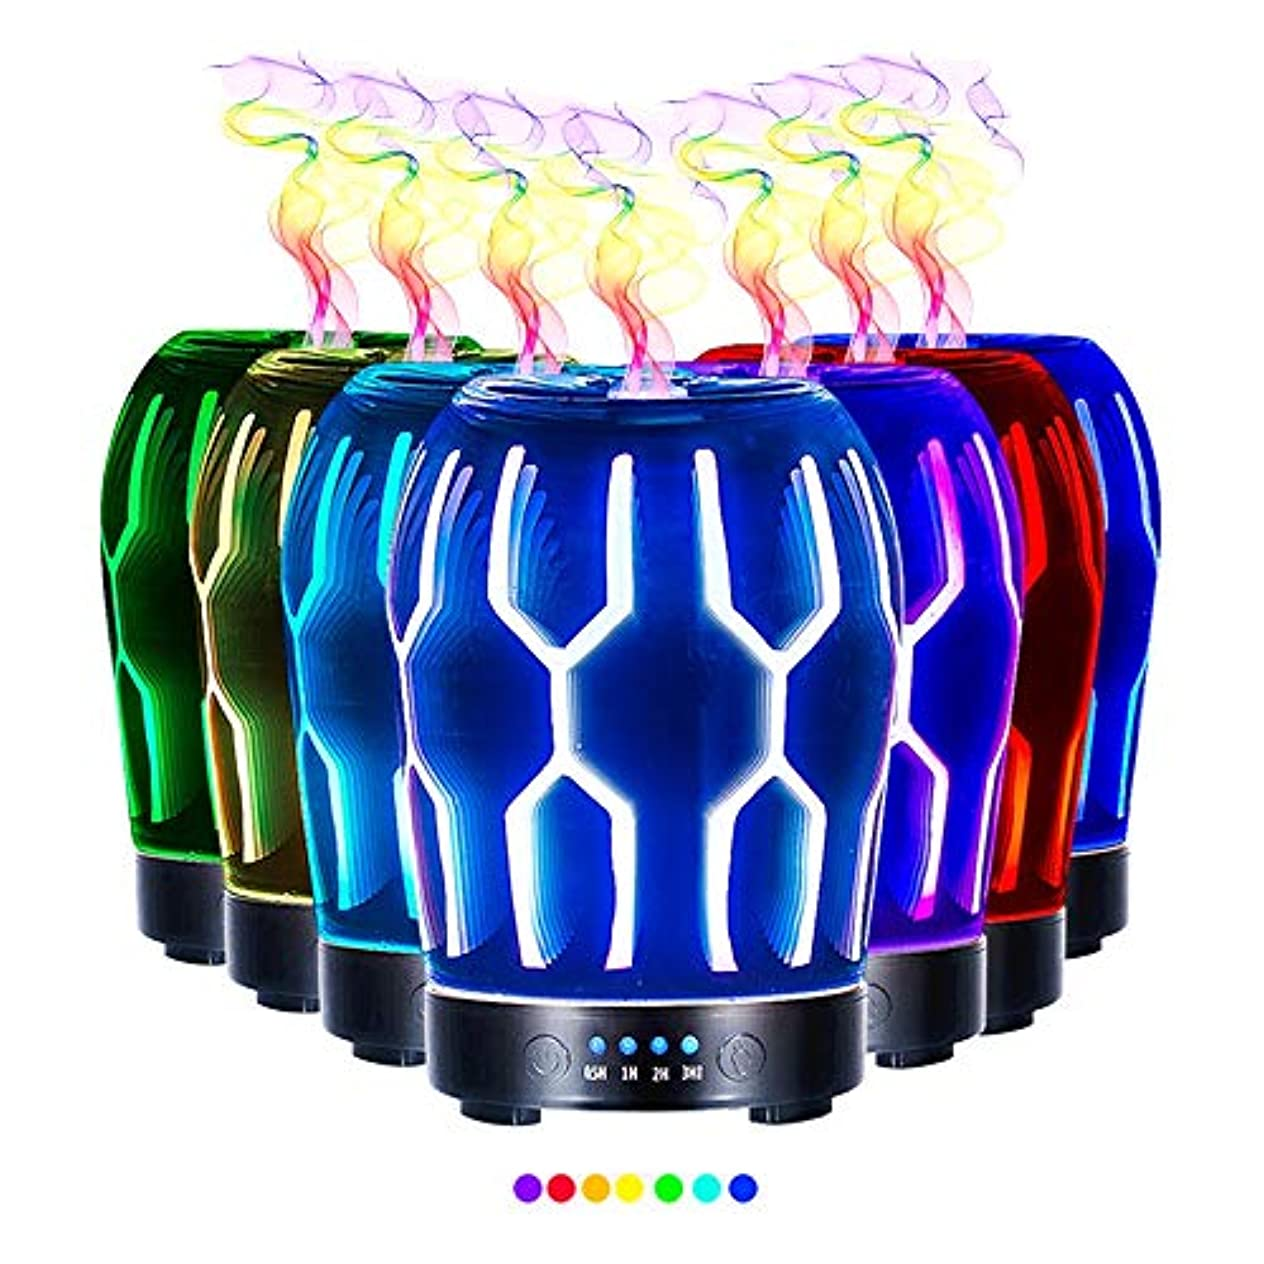 カッププールライムエッセンシャルオイル用ディフューザー (100ml)-クリエイティブガラスハッカーマトリックスアロマ加湿器7色の変更 LED ライト & 4 タイマー設定、水なしの自動シャットオフ